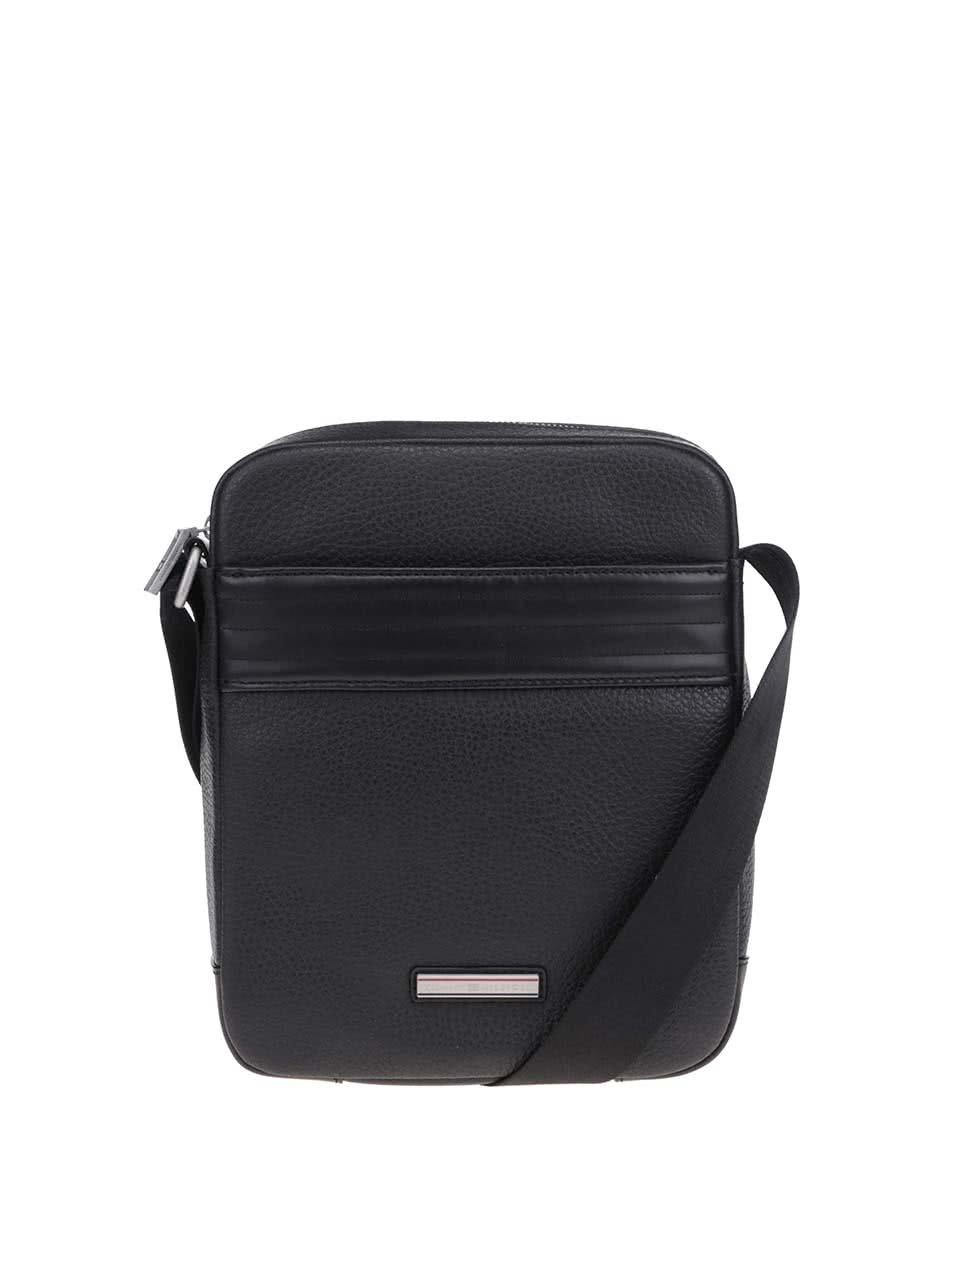 5d235fc04e Čierna pánska kožená taška cez rameno Tommy Hilfiger Business ...